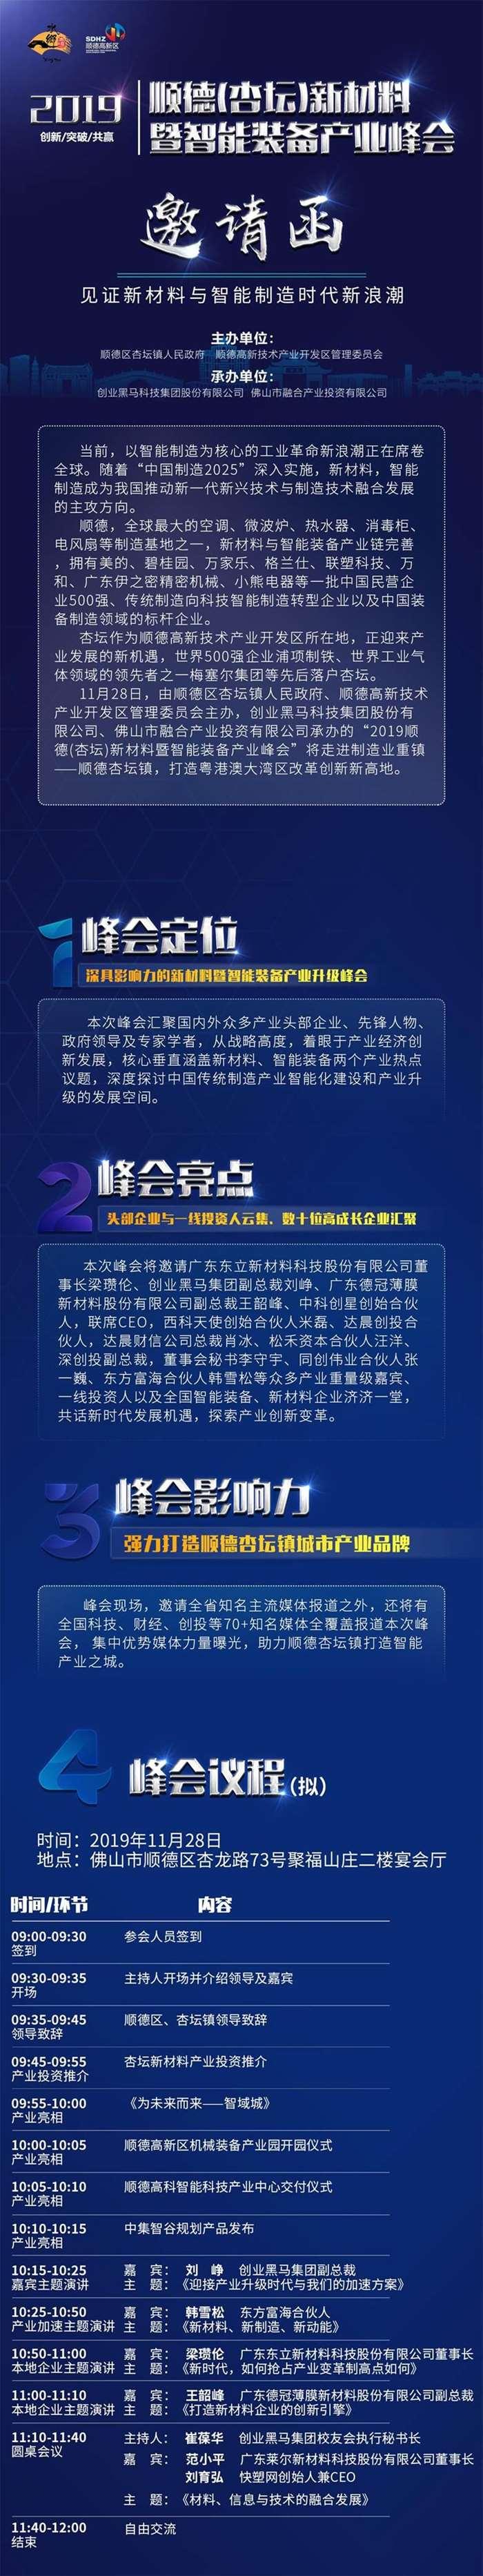 长图1120_(无二维码).jpg